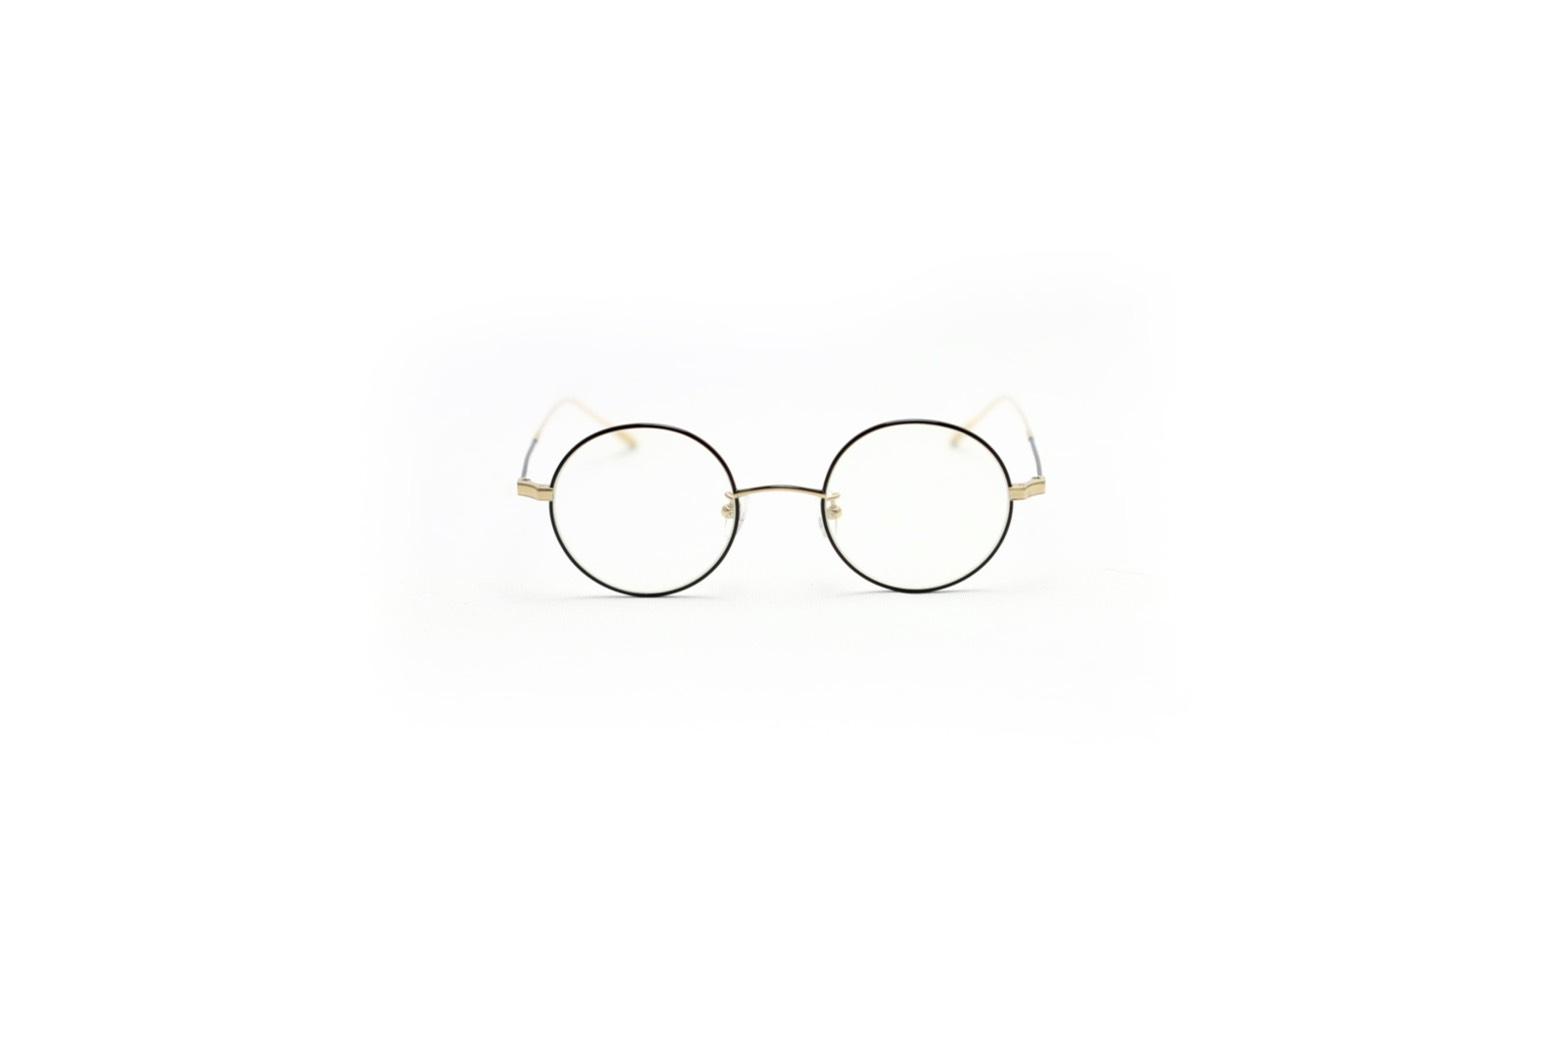 NEW. (ニュー) 眼鏡 (伊達メガネ) 【HAL C2 (ハル)】